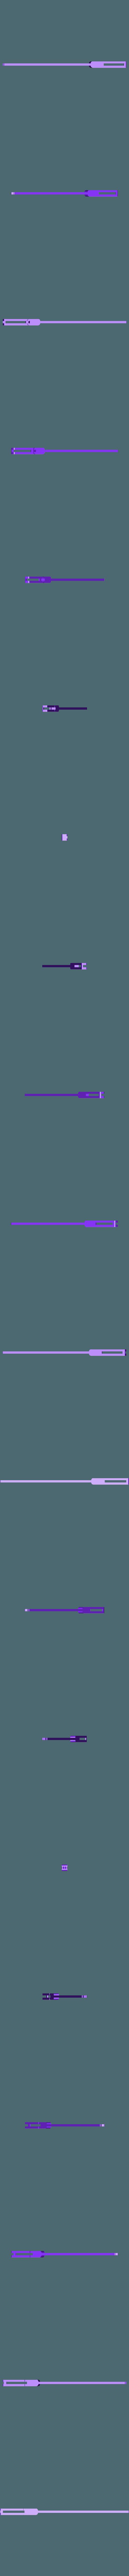 Wand.STL Télécharger fichier STL gratuit Baguette anti-mouches - Baguette et pistolet en caoutchouc • Plan imprimable en 3D, RobotDoctor